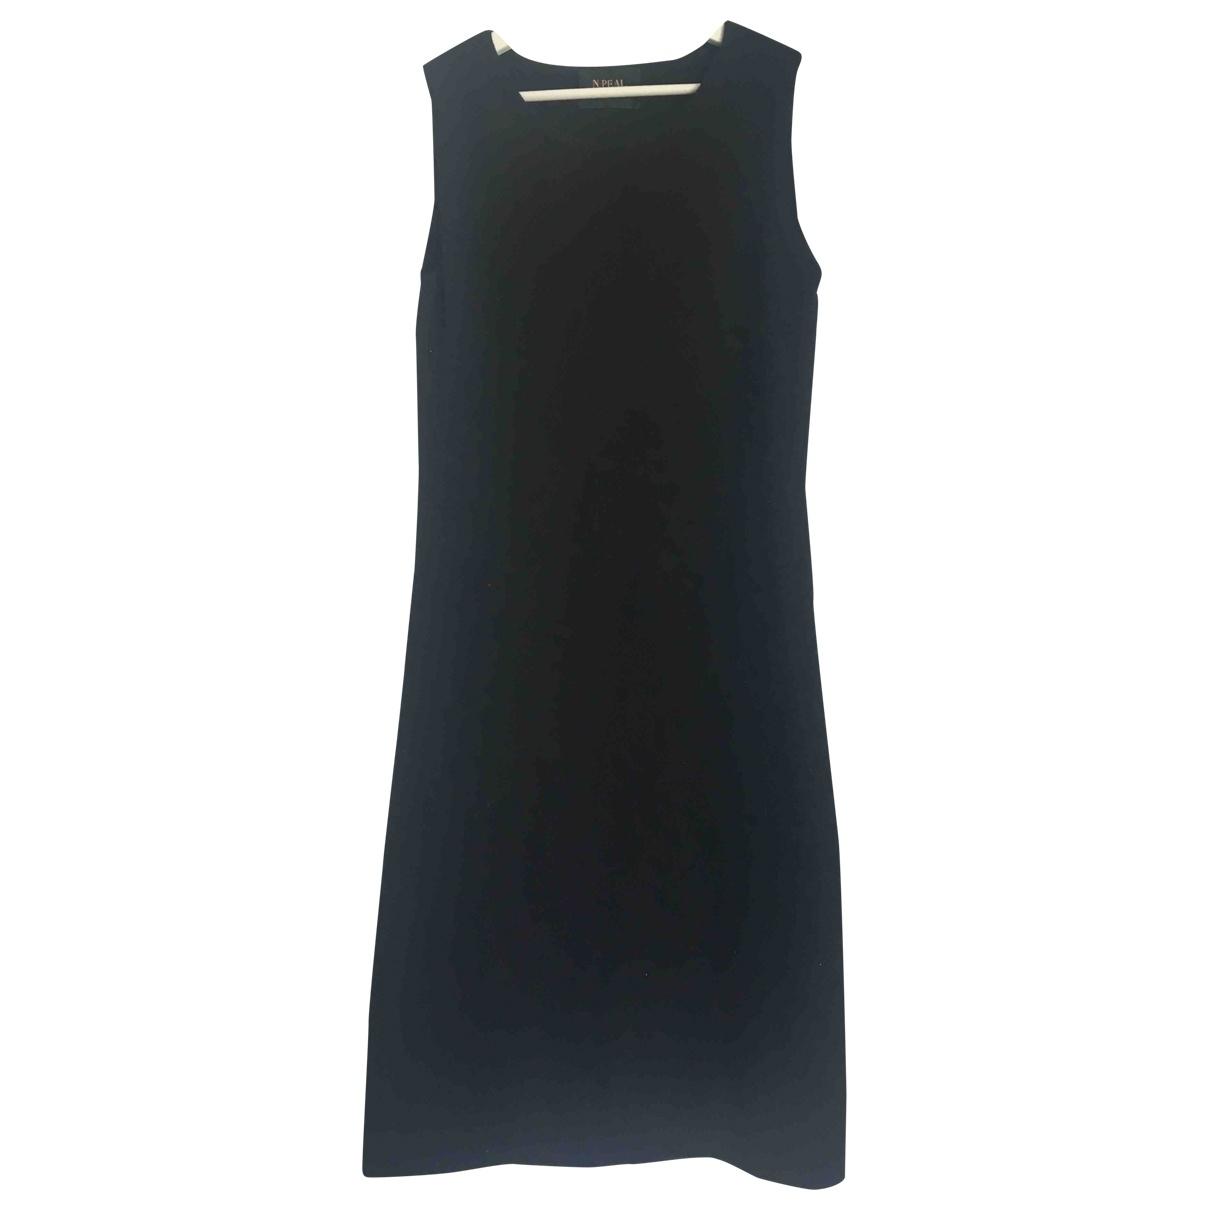 N. Peal \N Kleid in  Schwarz Kaschmir